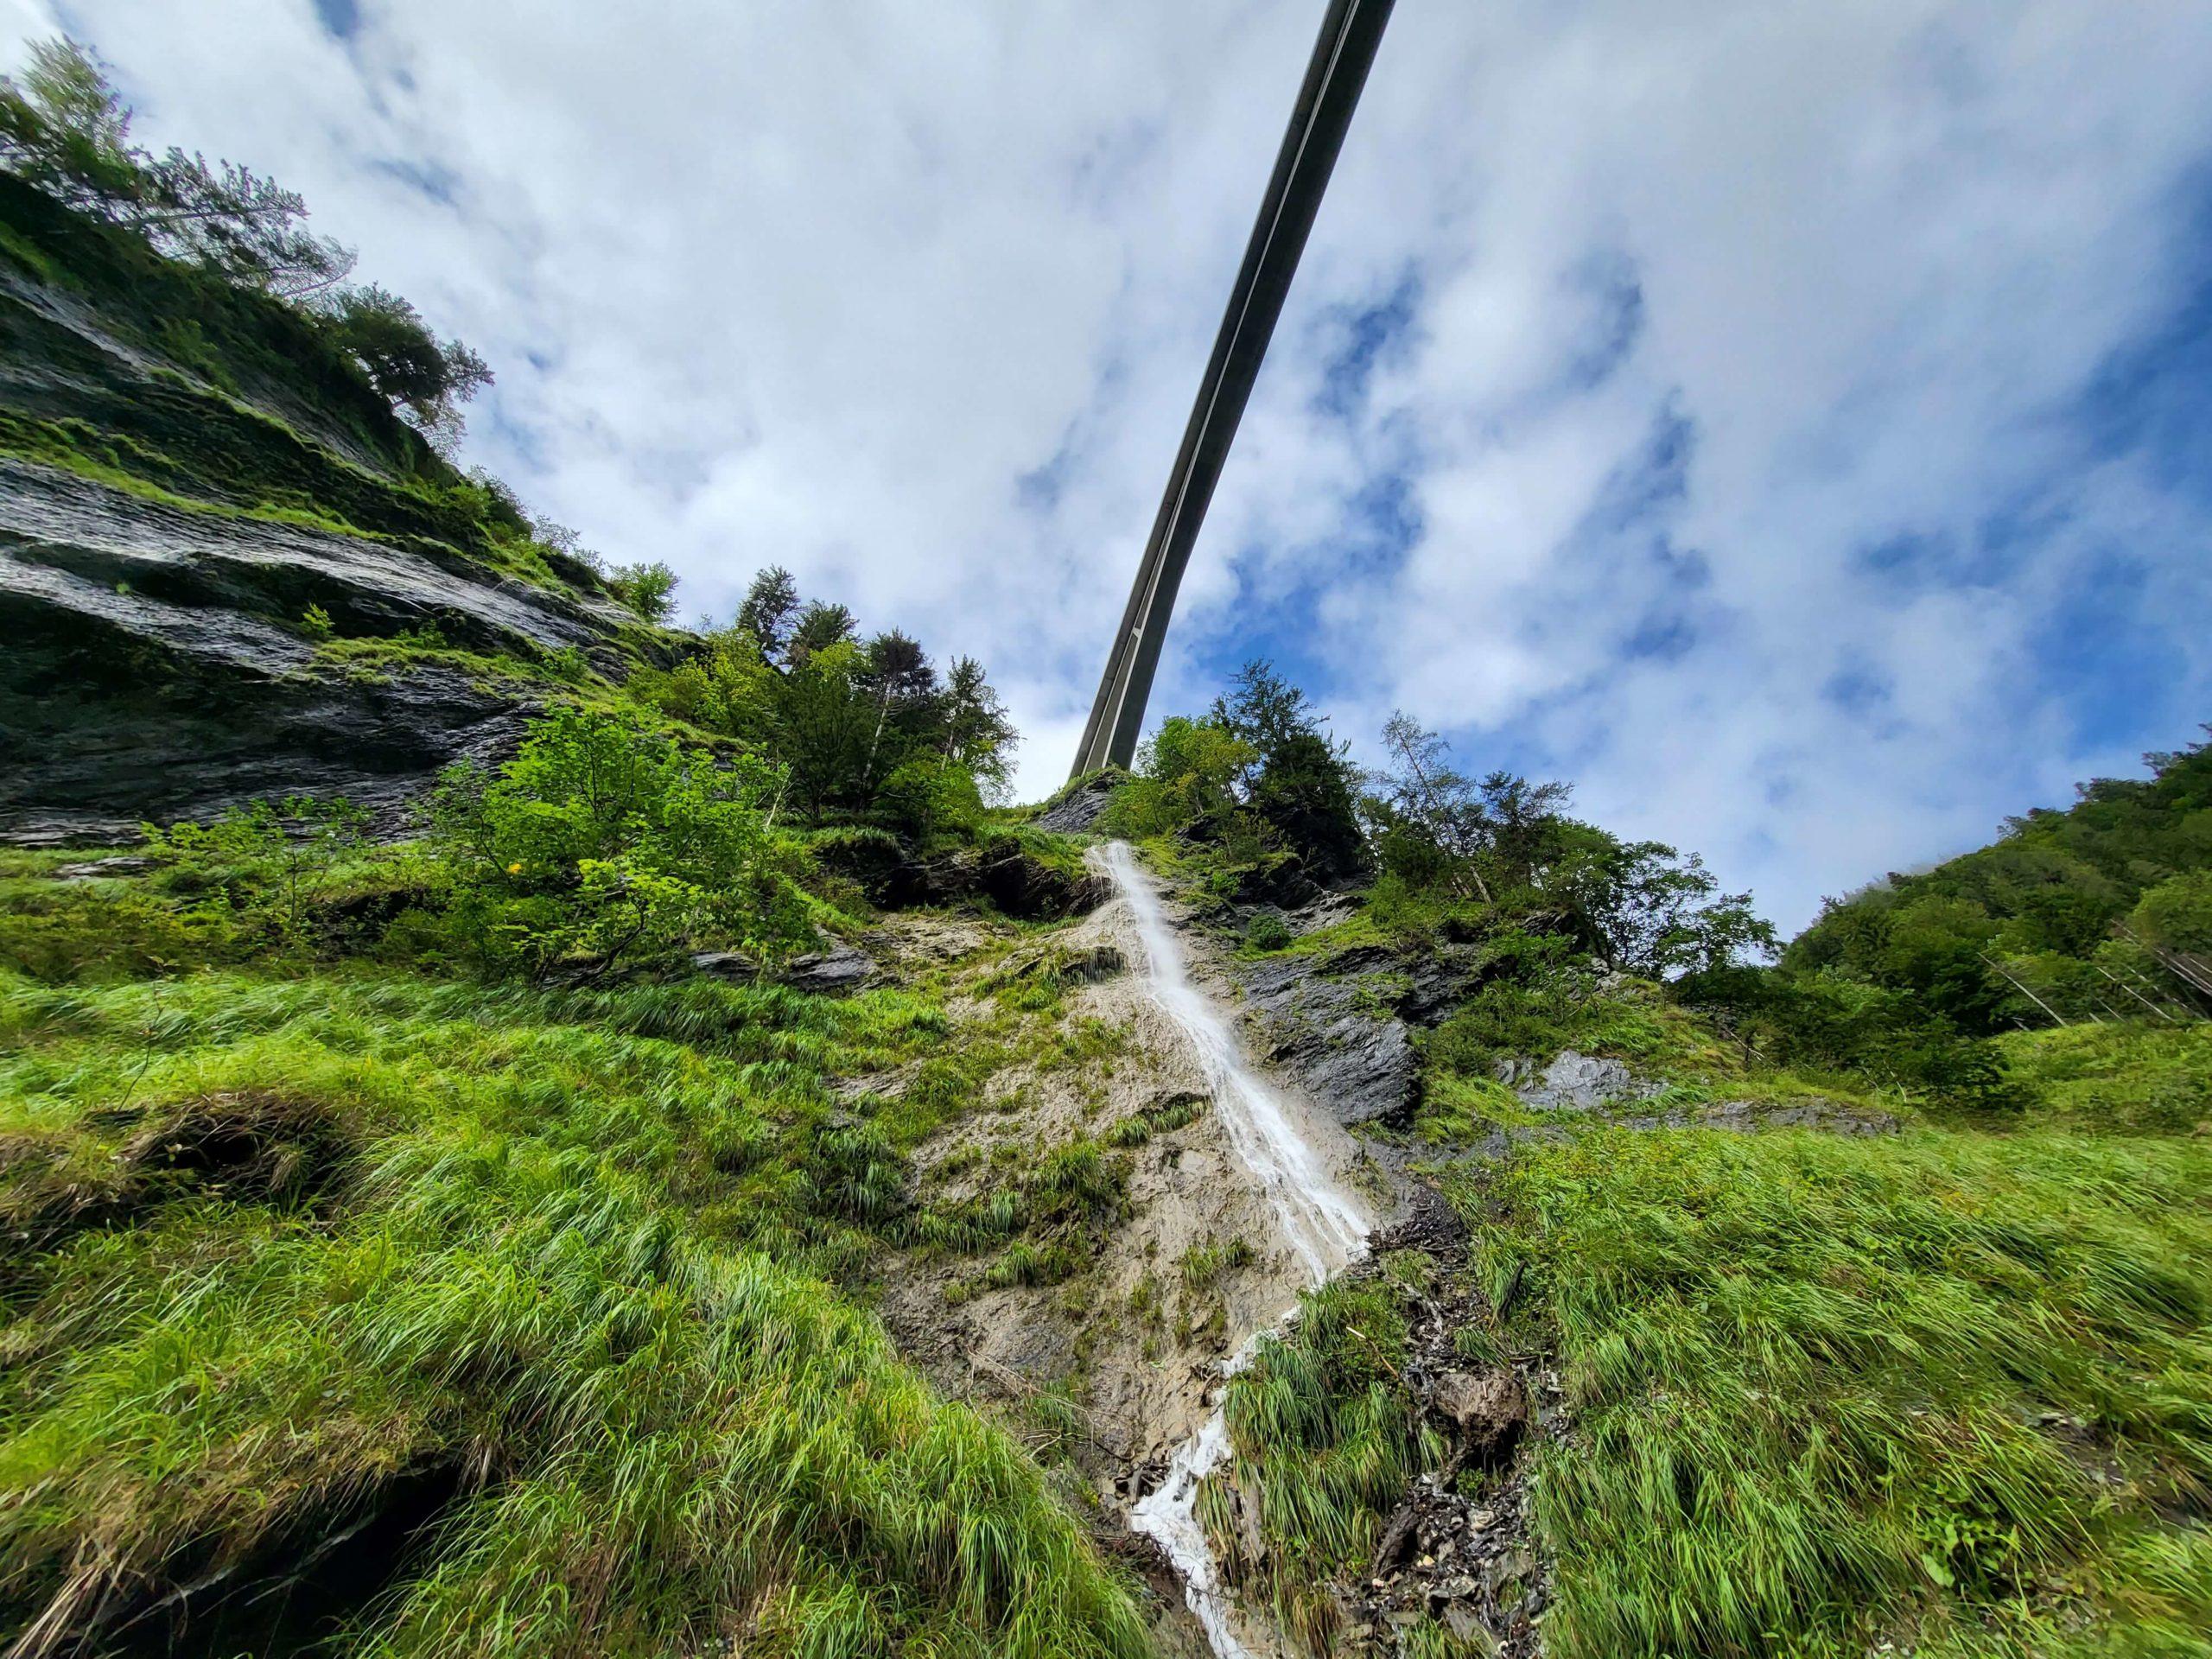 Samsung Galaxy Z Flip 3 Kamera-Test: Beispielbilder Natur mit HDR.